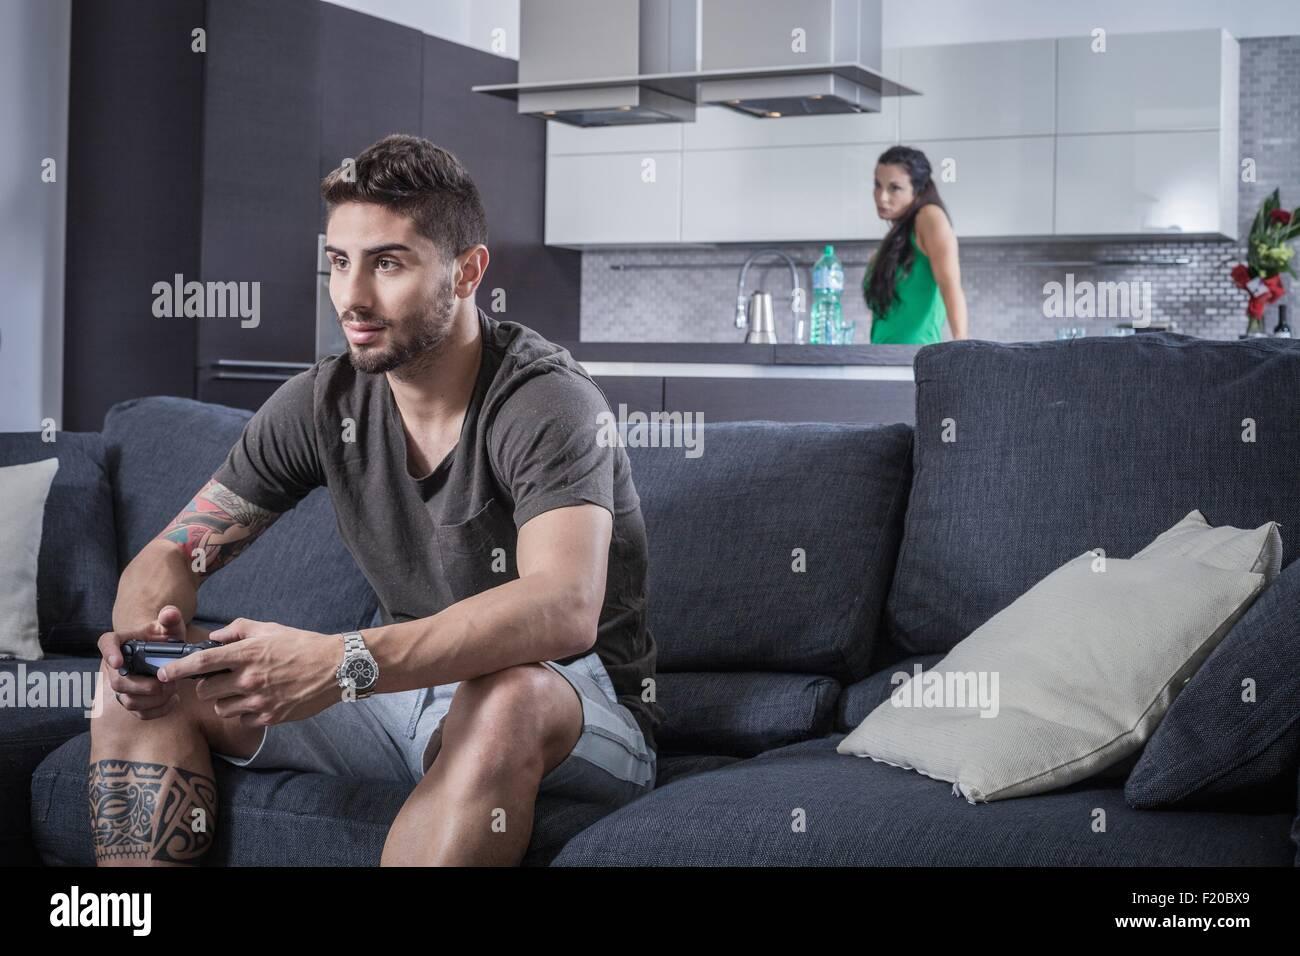 Jeune homme sur canapé à l'aide de contrôle de jeu vu par petite amie en colère Photo Stock